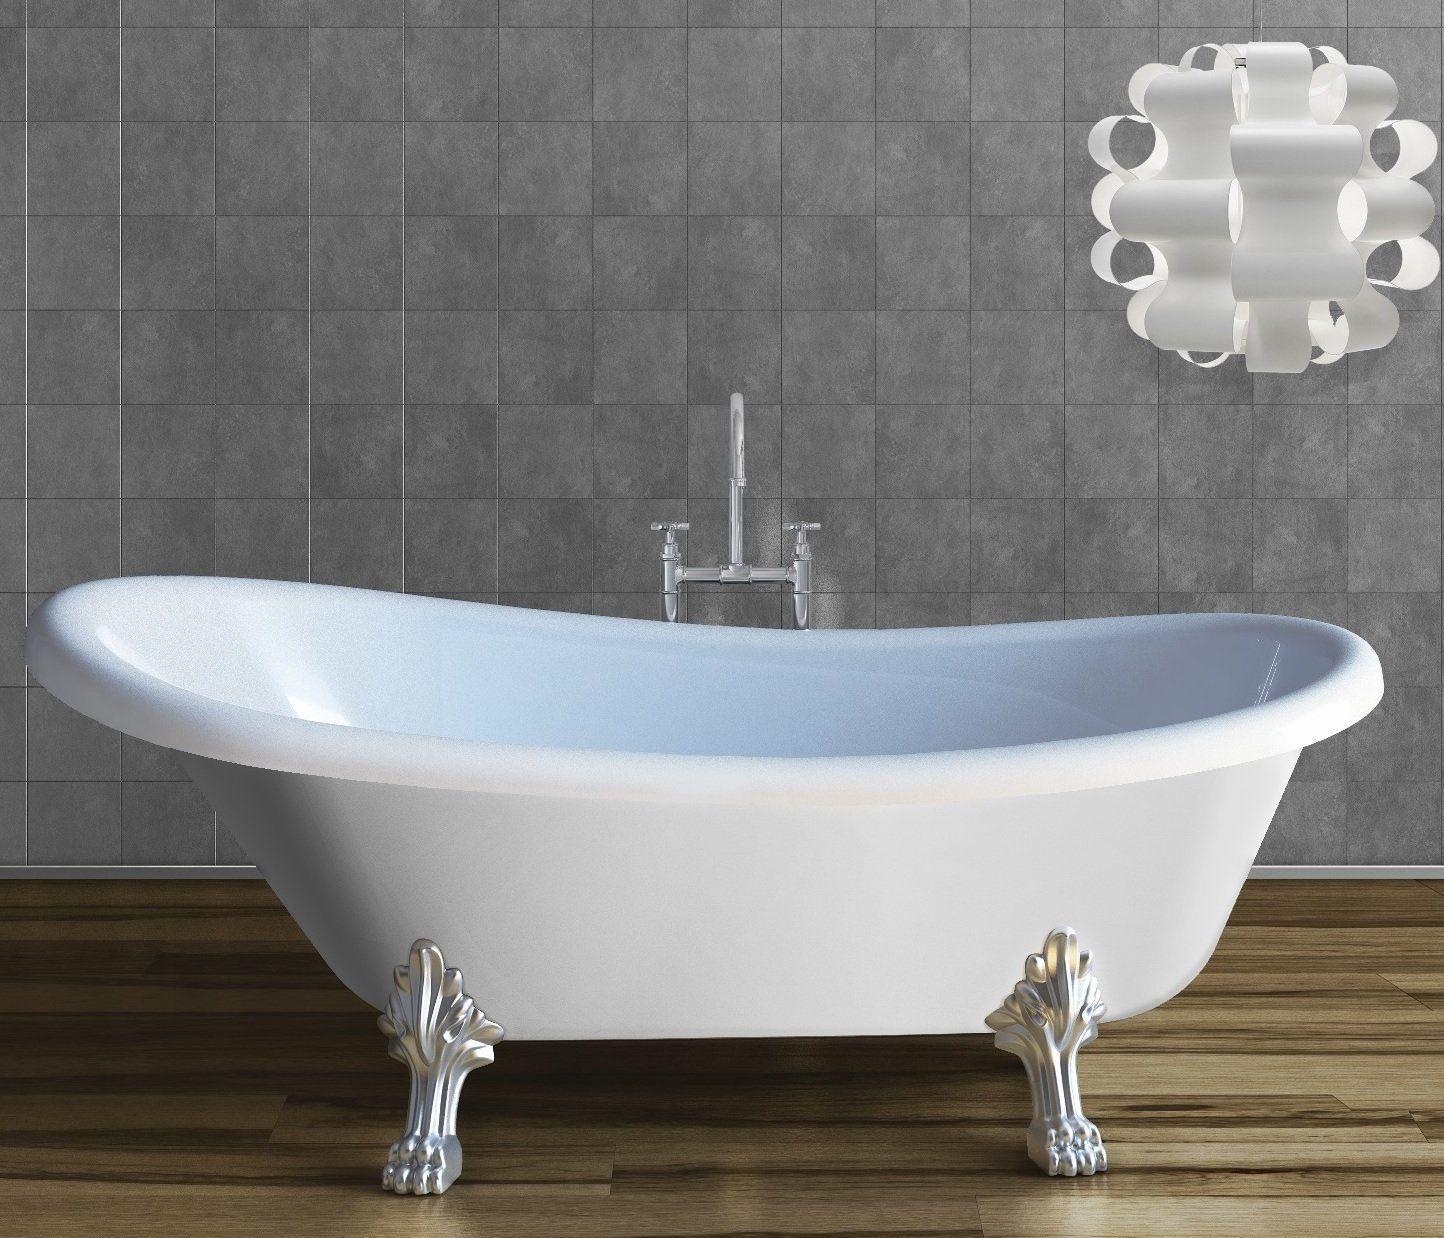 Risultati immagini per vasca antica con piedini in bagno moderno ...